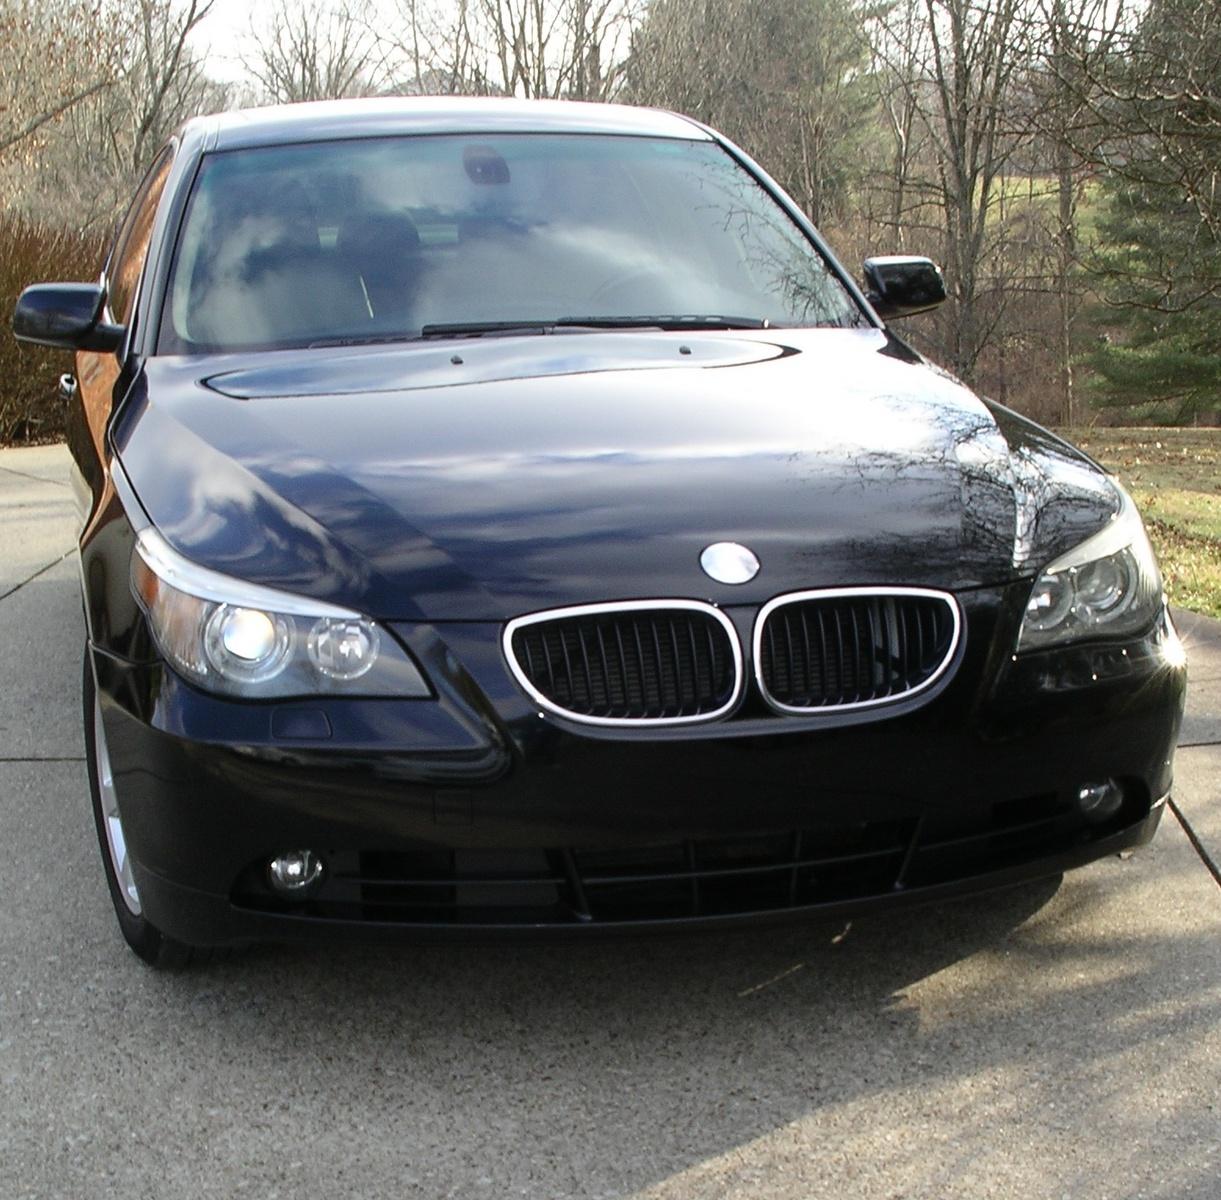 Bmw Z4 Reliability: 2004 BMW 5 Series